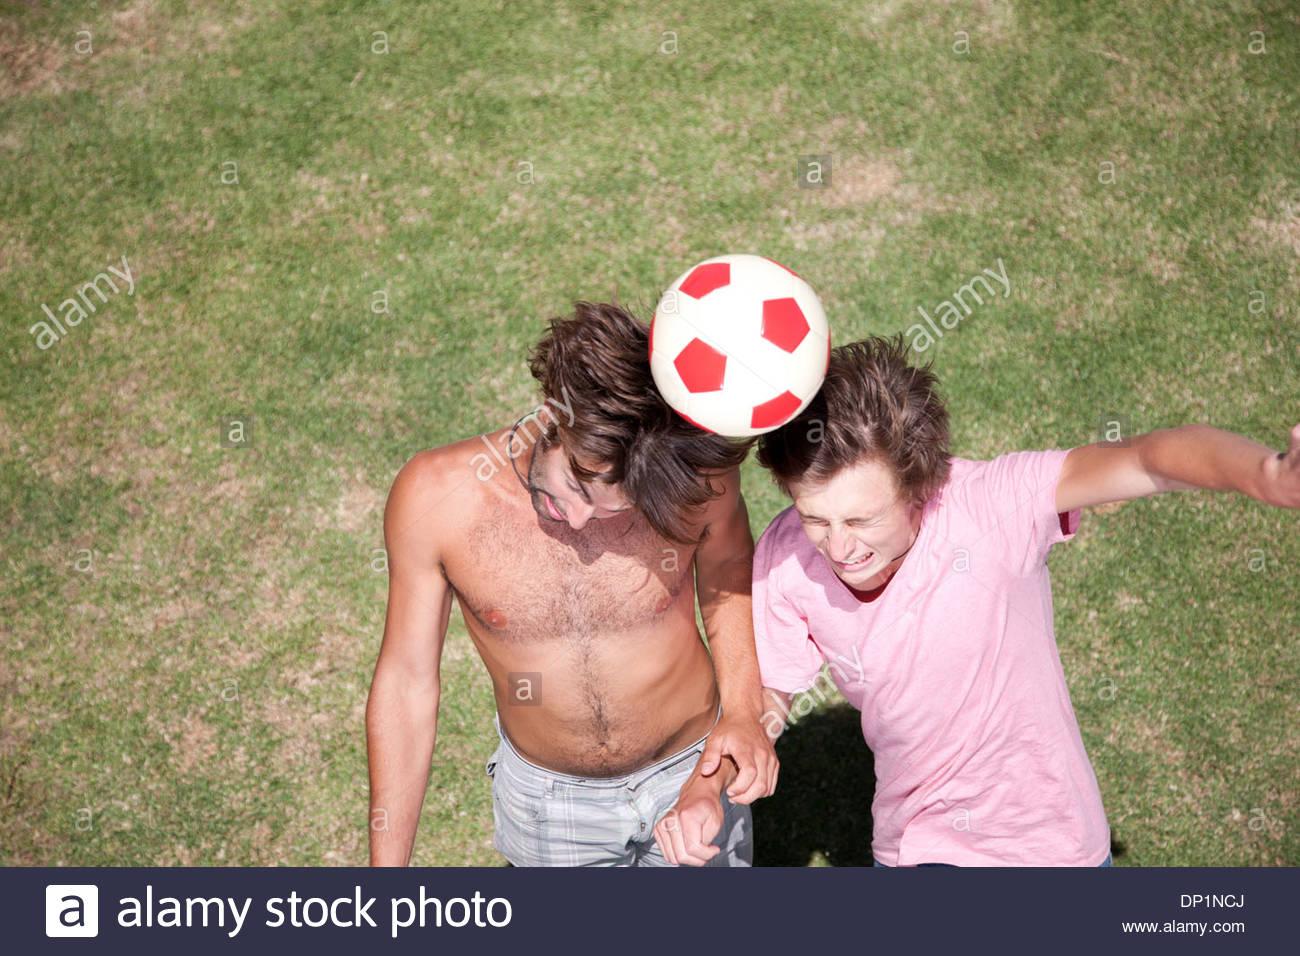 Gli uomini che giocano a calcio in erba Immagini Stock